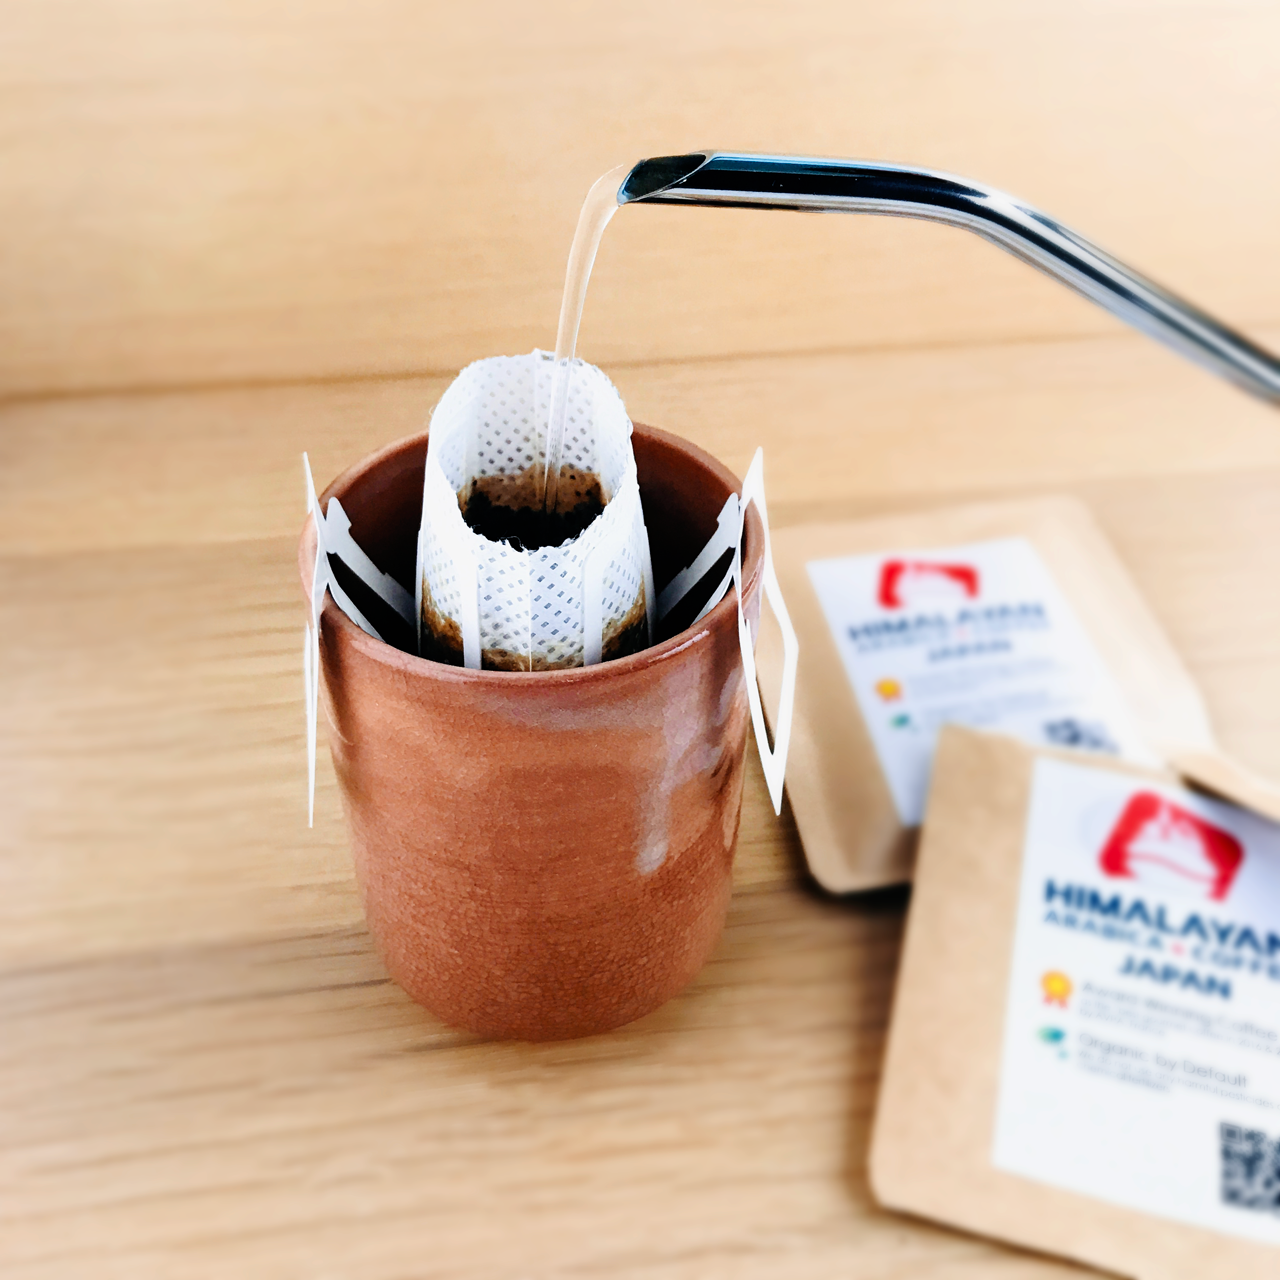 【贈答用】名入れ可:ヒマラヤン Pure スペシャルティコーヒー  ギフトセット(ドリップバッグ15個)×5